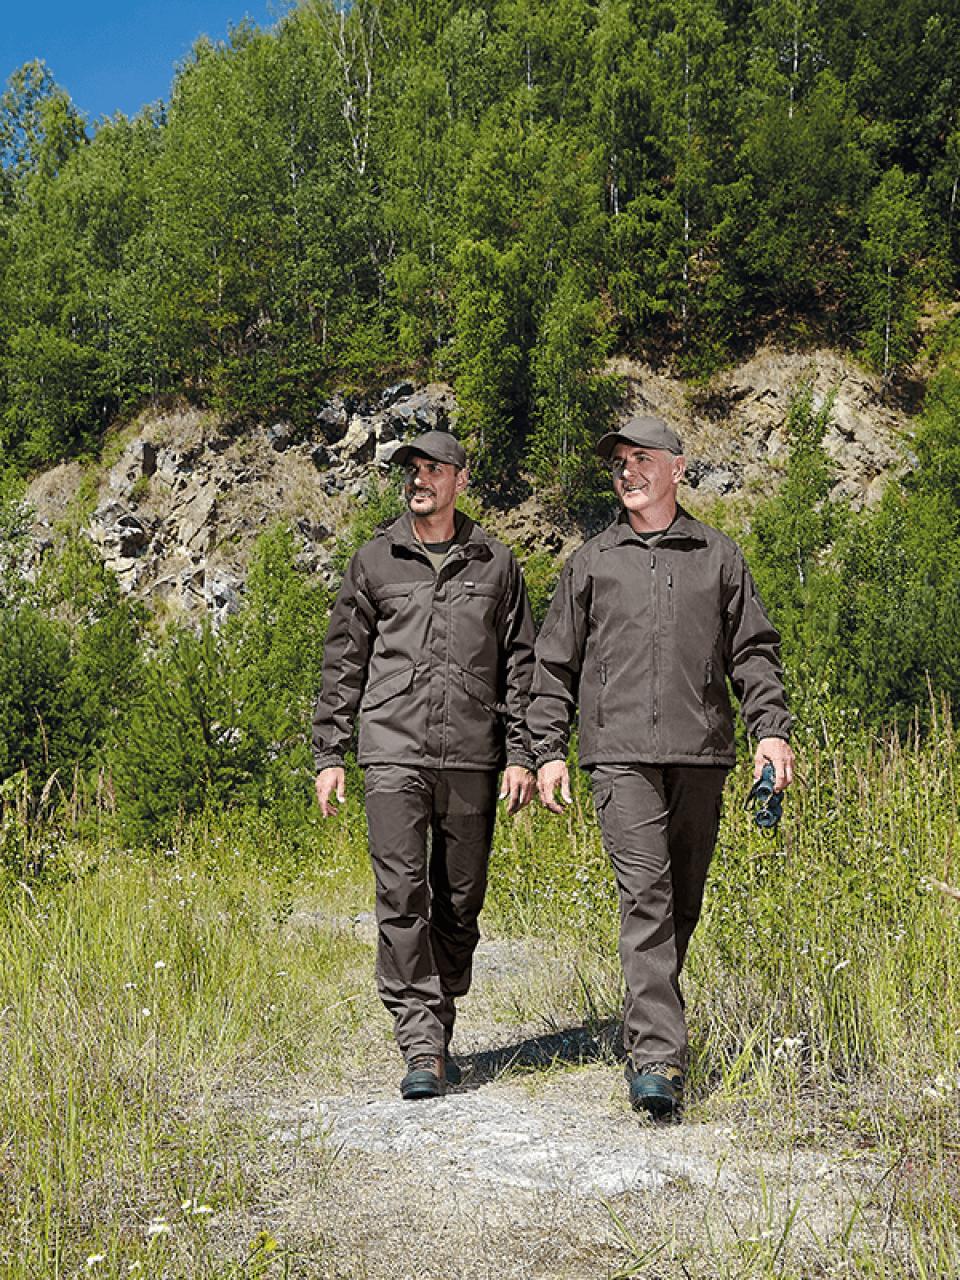 outdoorové nohavice Parlan outdoorové oblečenie ext